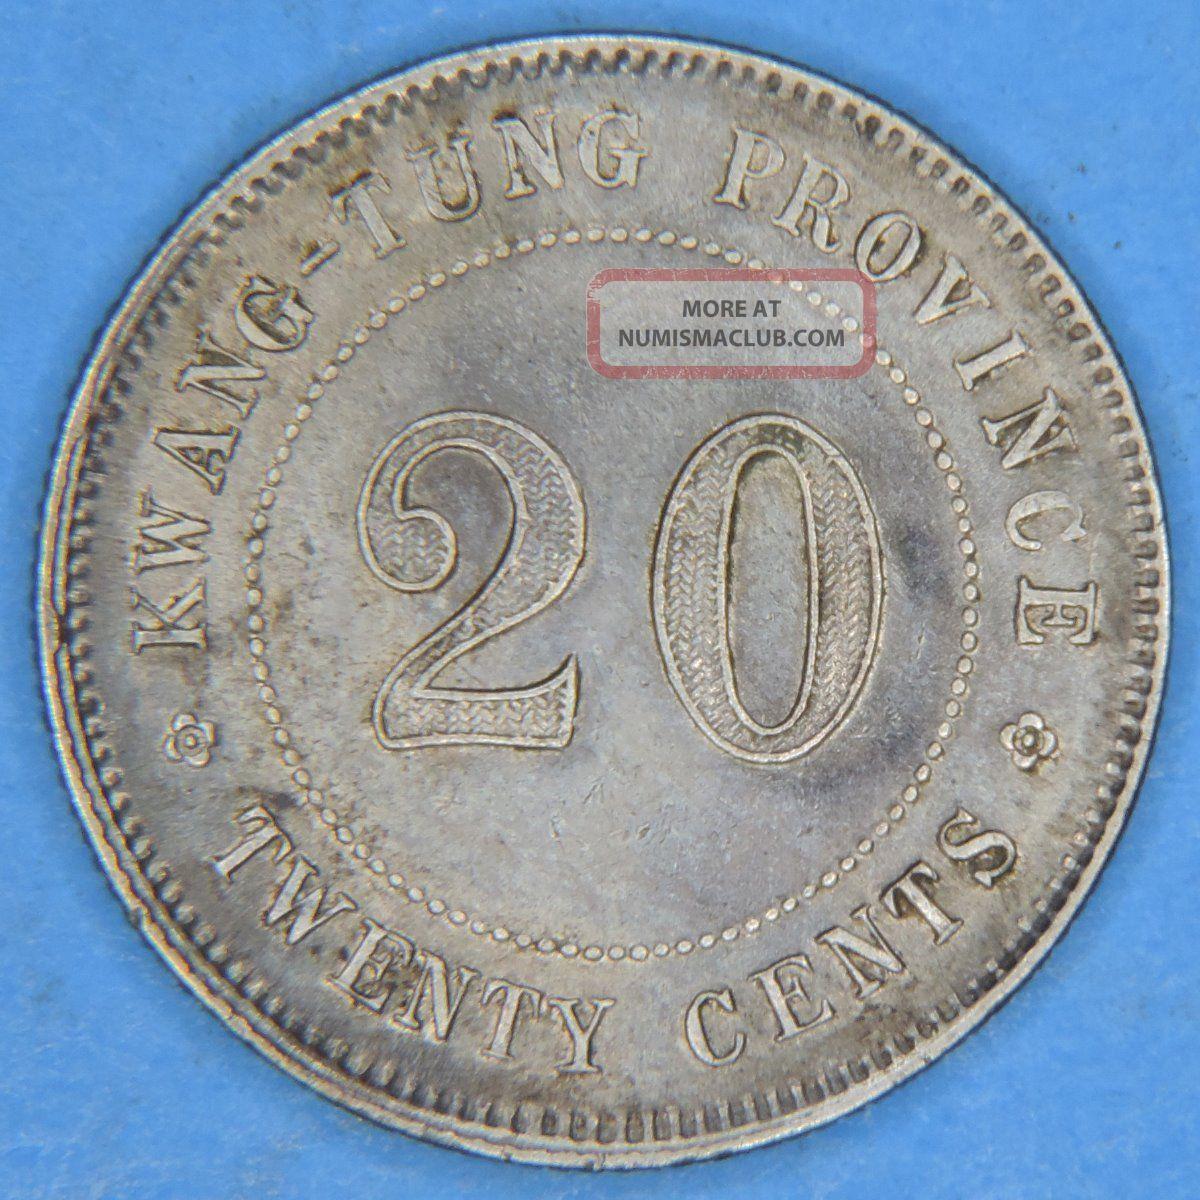 1924 Yr13 China Kwang Tung Province 20 Cents Silver Coin